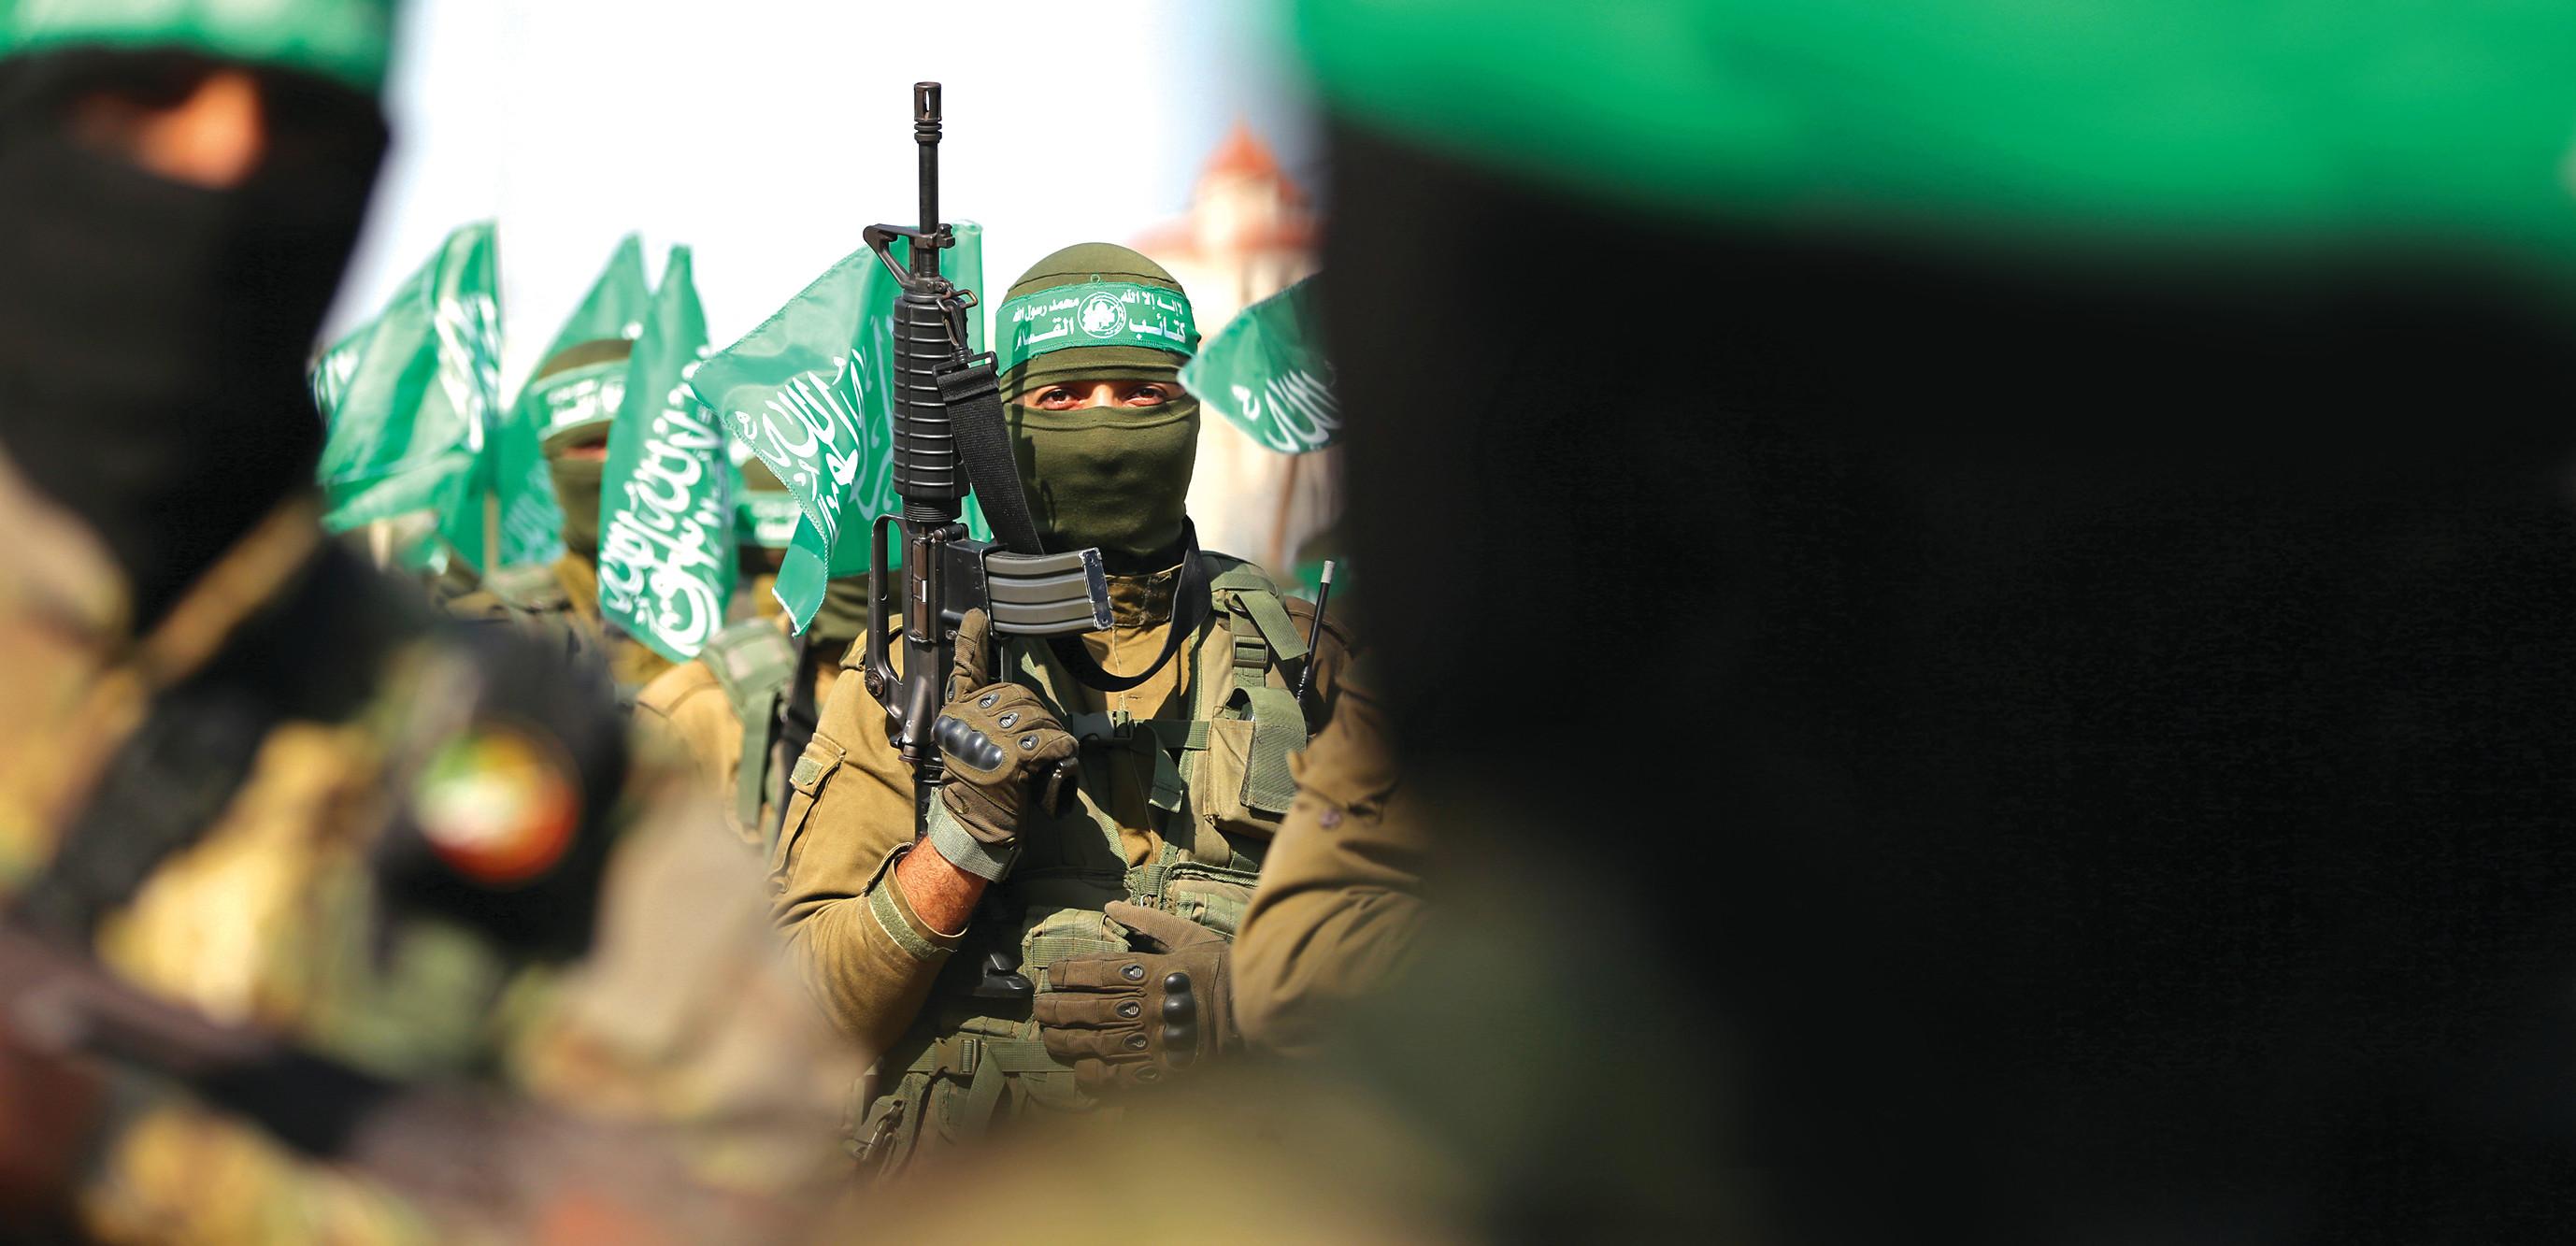 חמושי חמאס. צילום: רויטרס